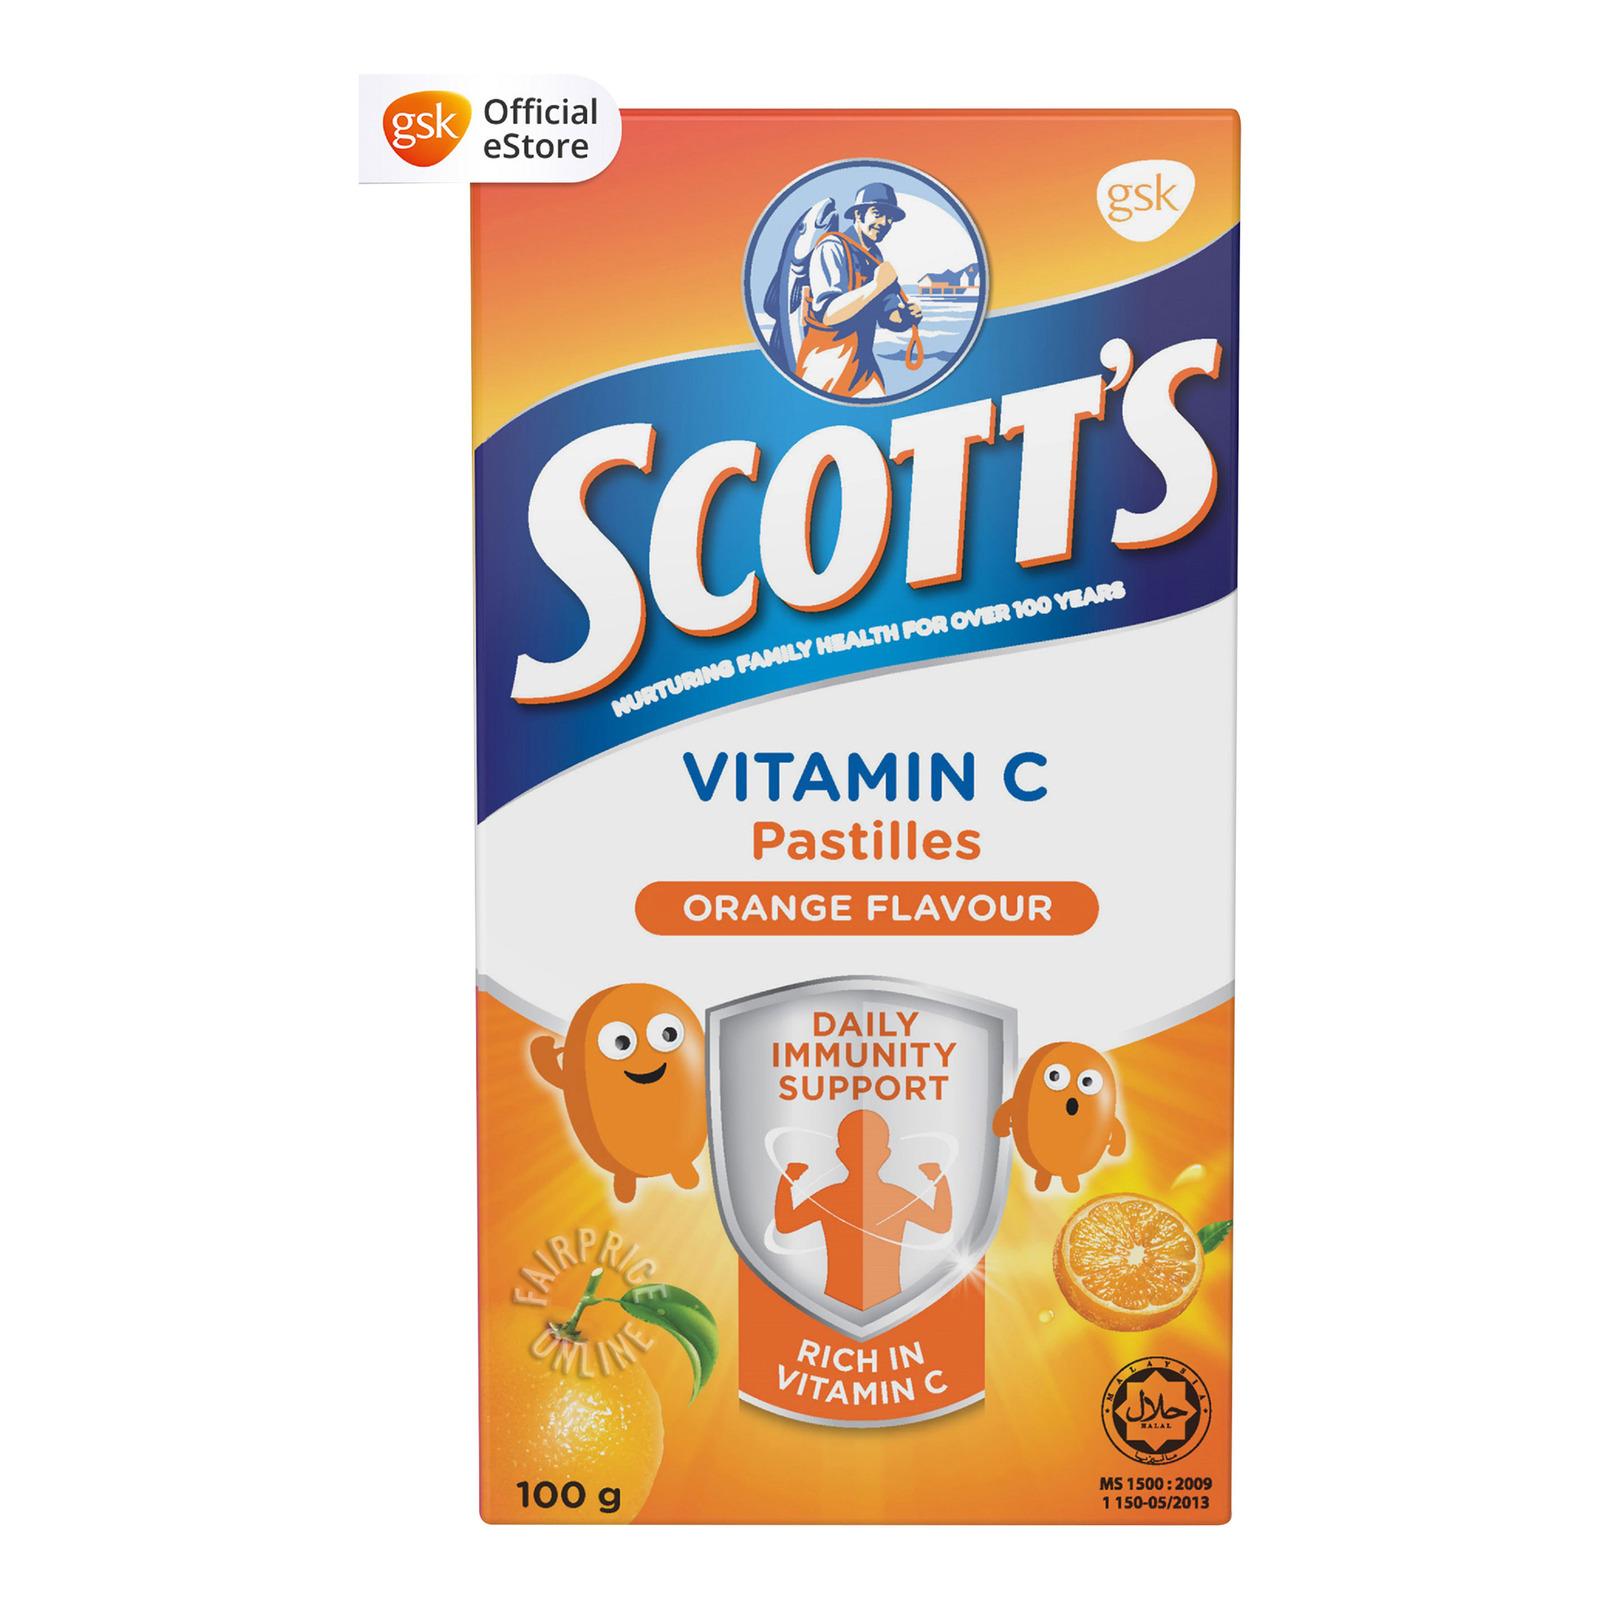 Scott's Vitamin C Pastilles - Orange